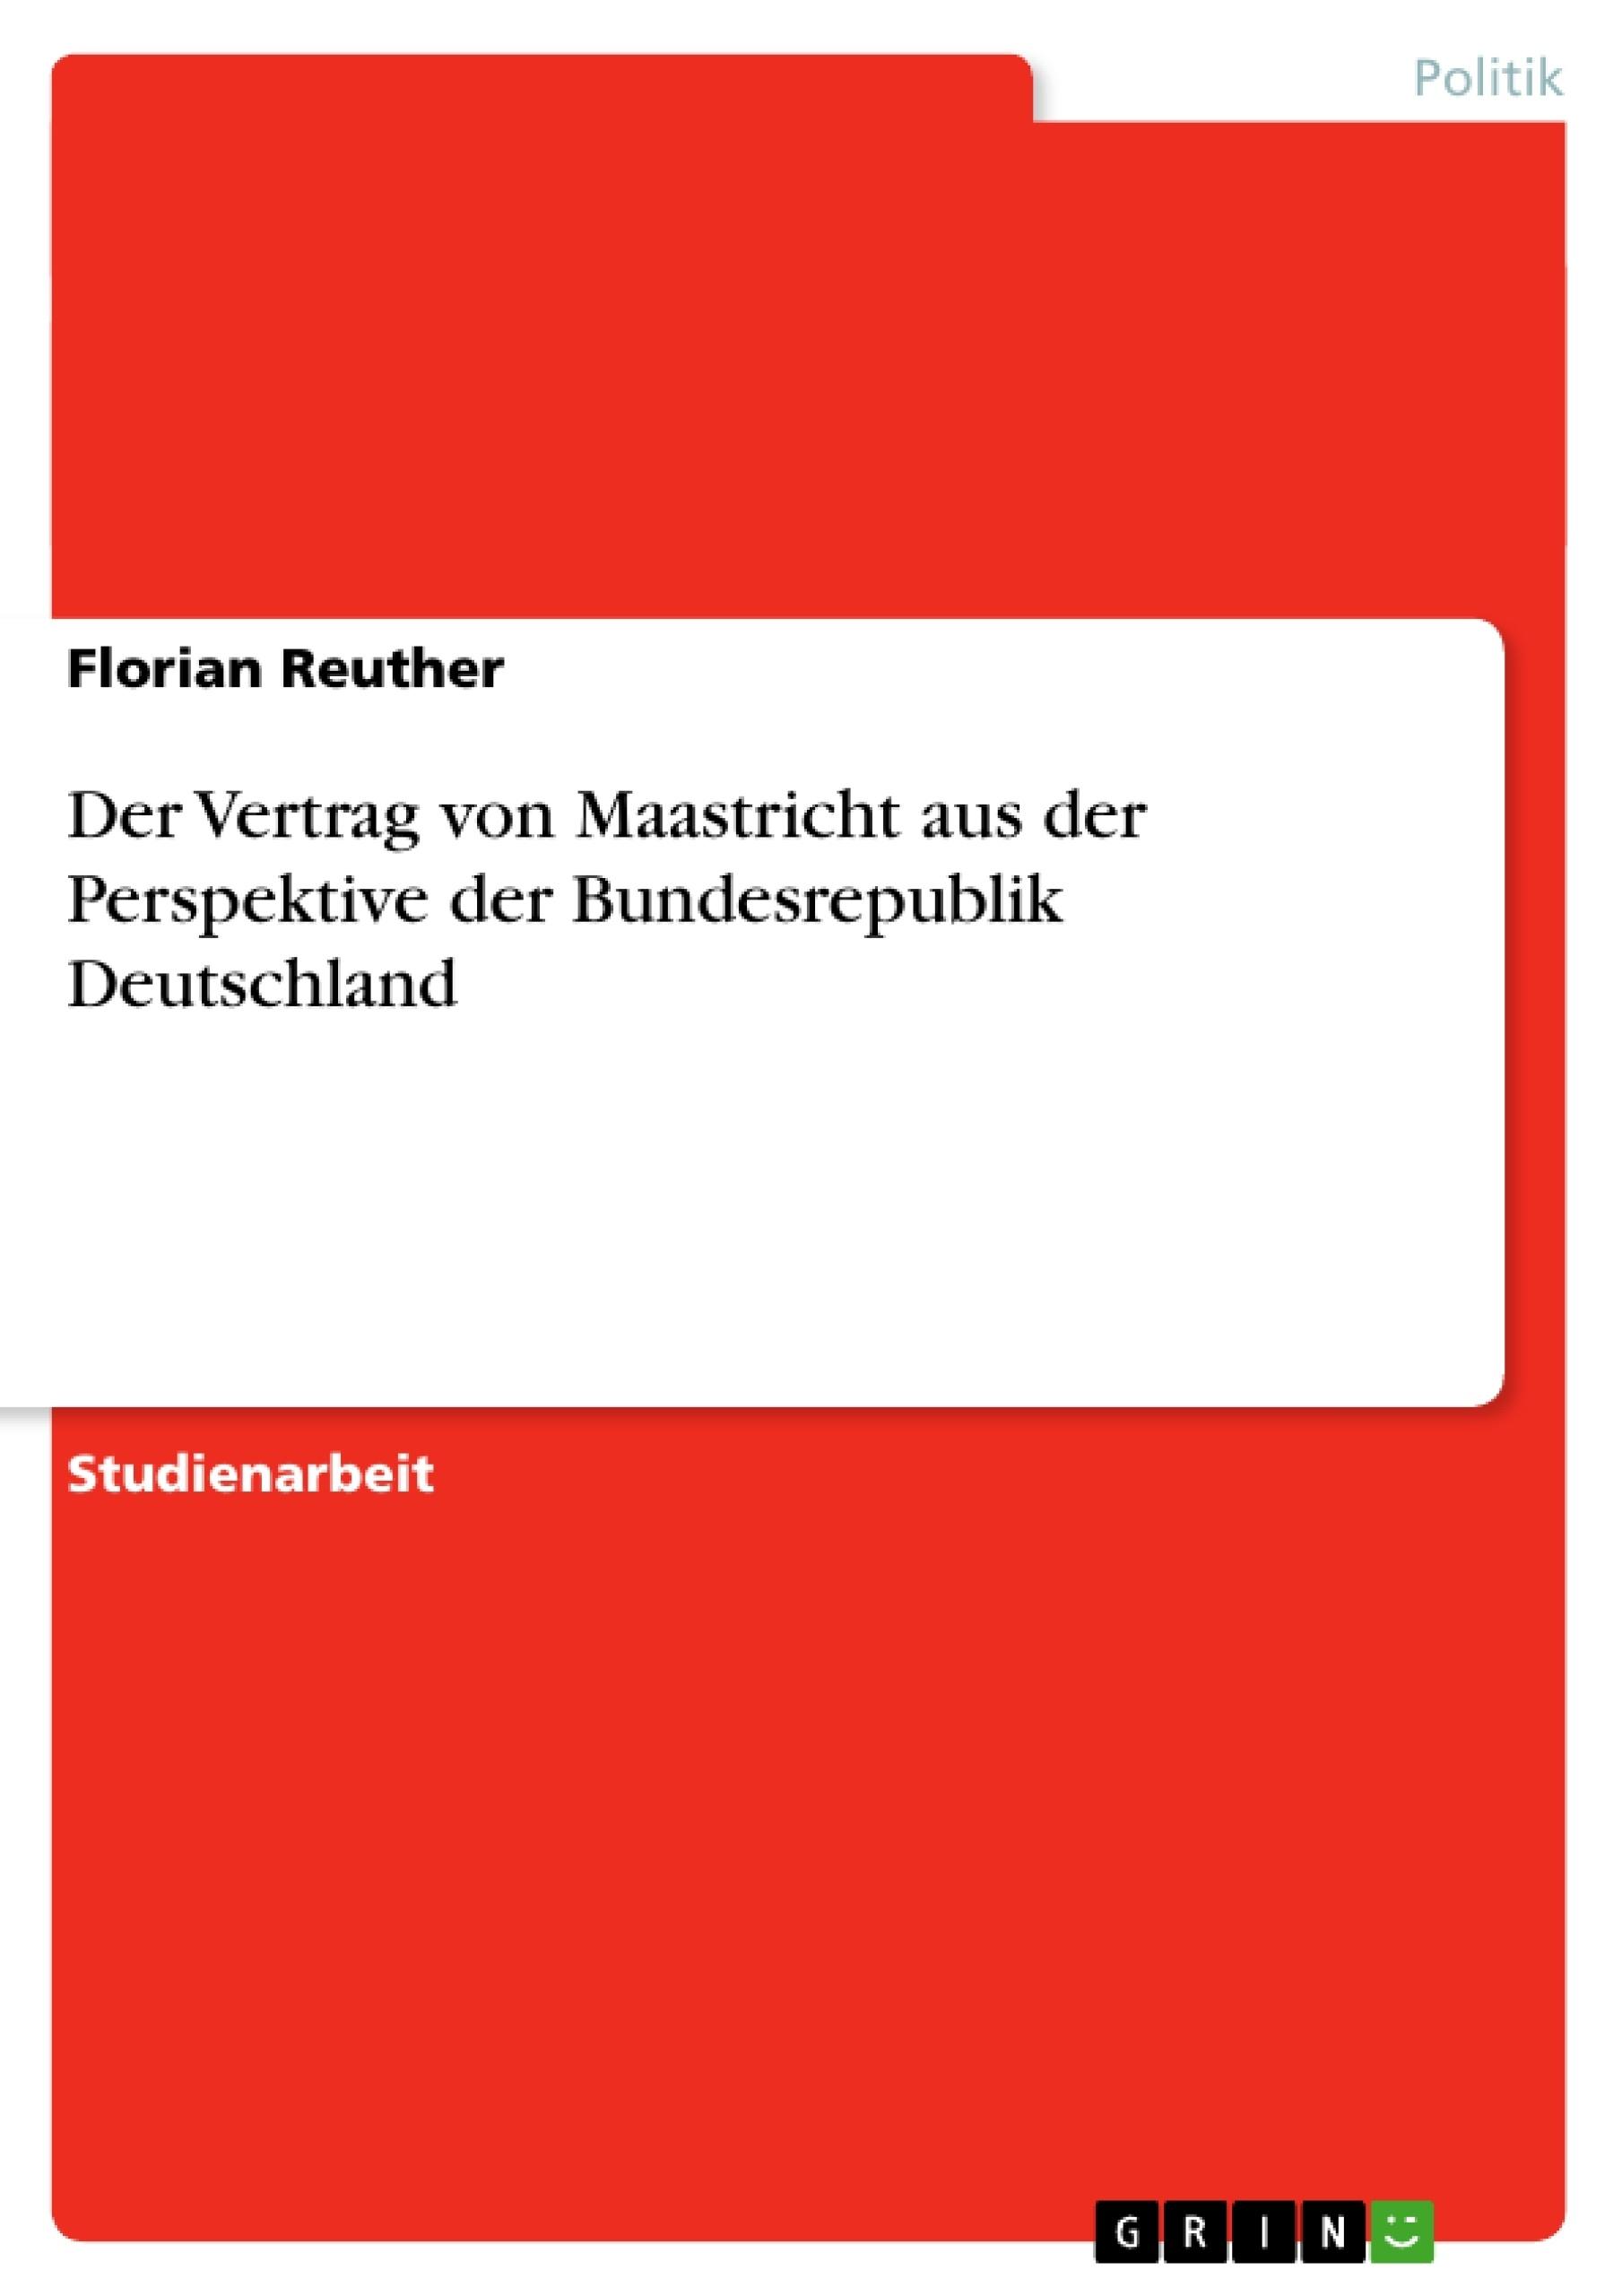 Titel: Der Vertrag von Maastricht aus der Perspektive der Bundesrepublik Deutschland